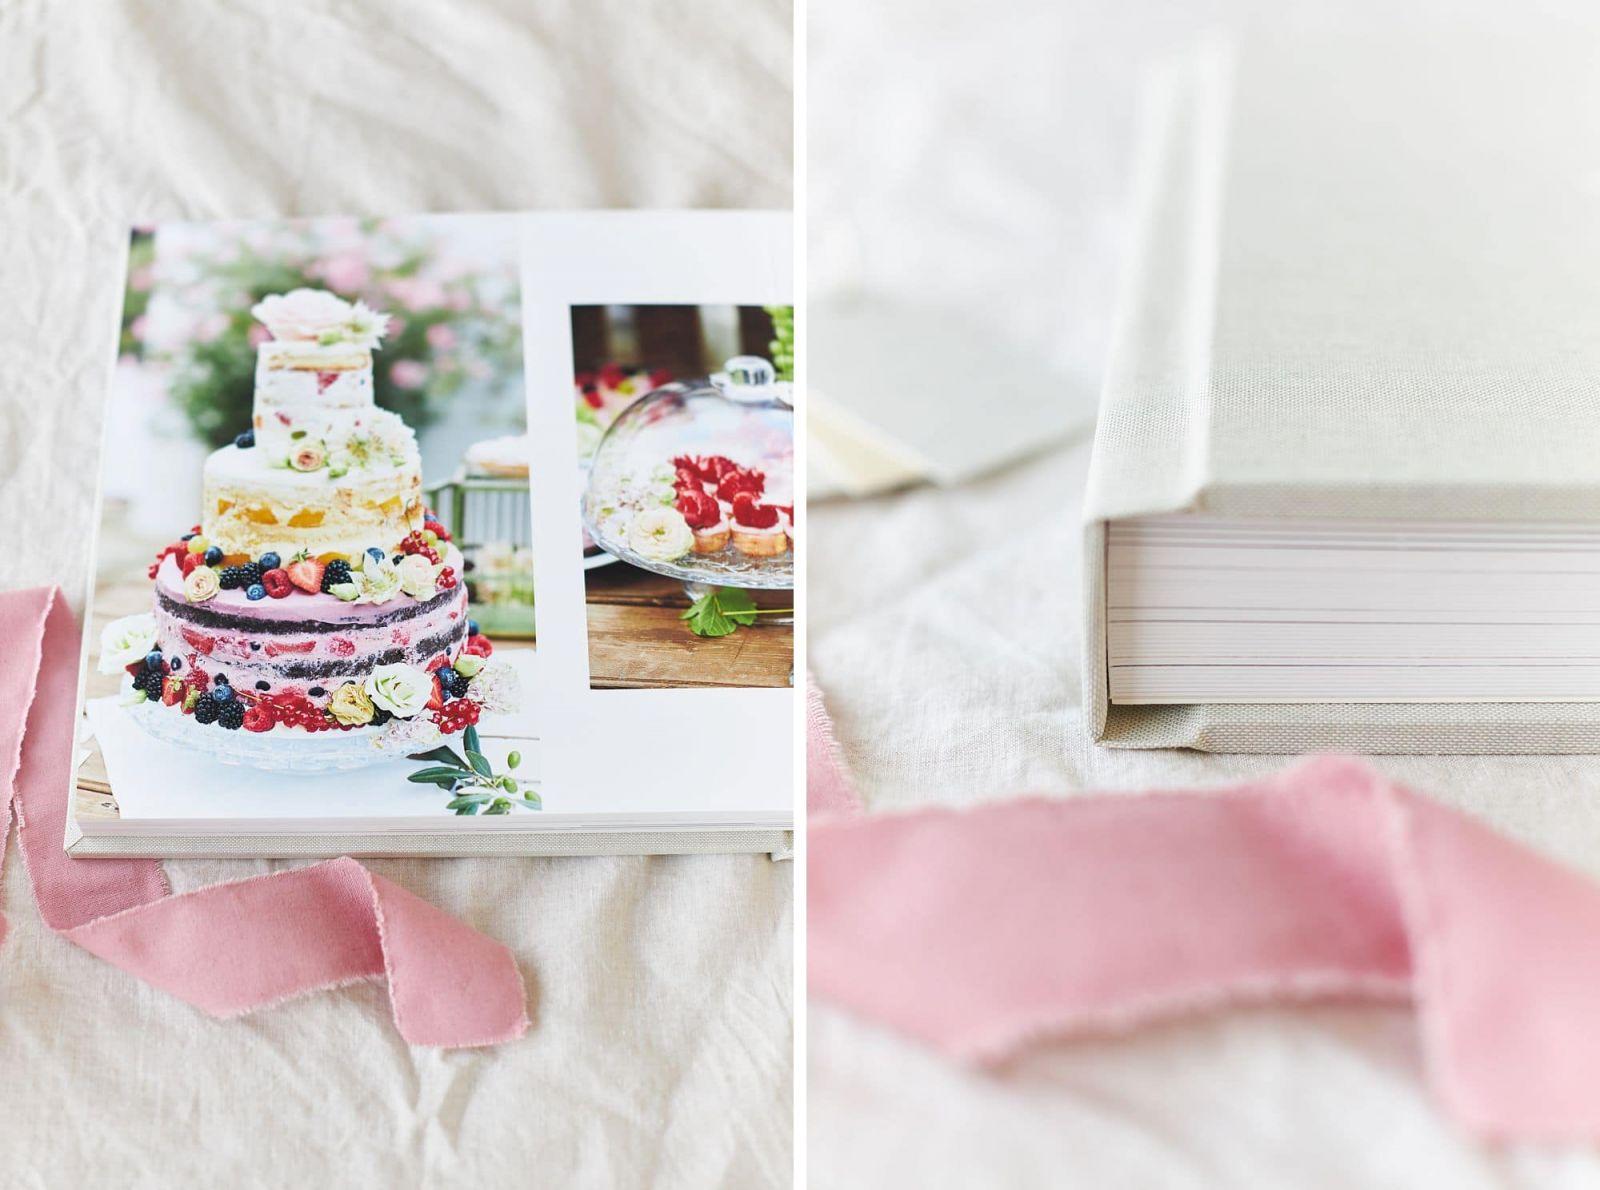 Eine Seite eines Hochzeitsalbums mit einer Hochzeitstorte abgebildet